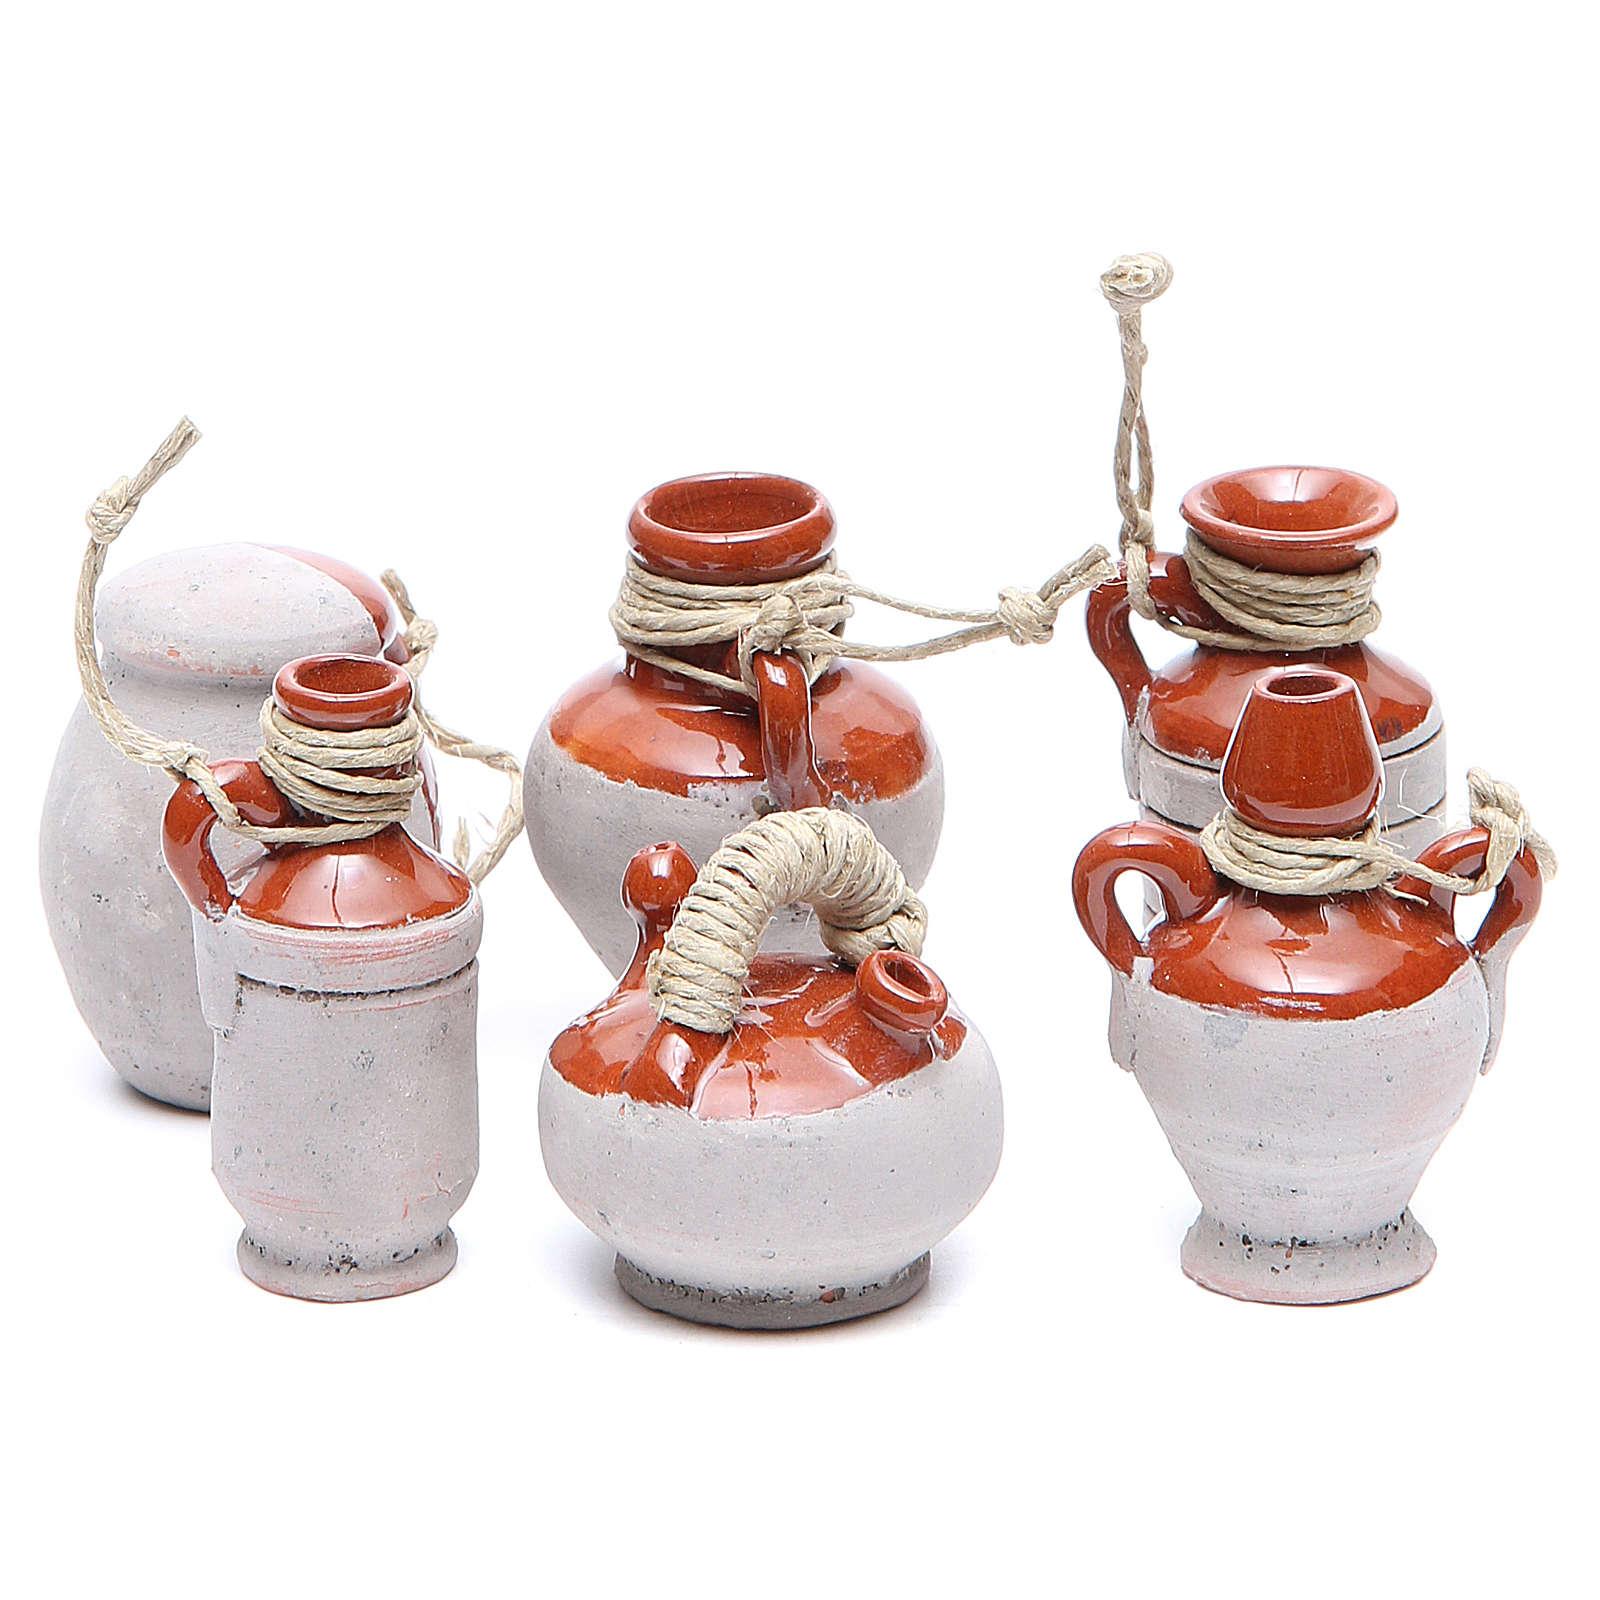 Botellas terracota 5 cm modelos surtidos 6 piezas 4